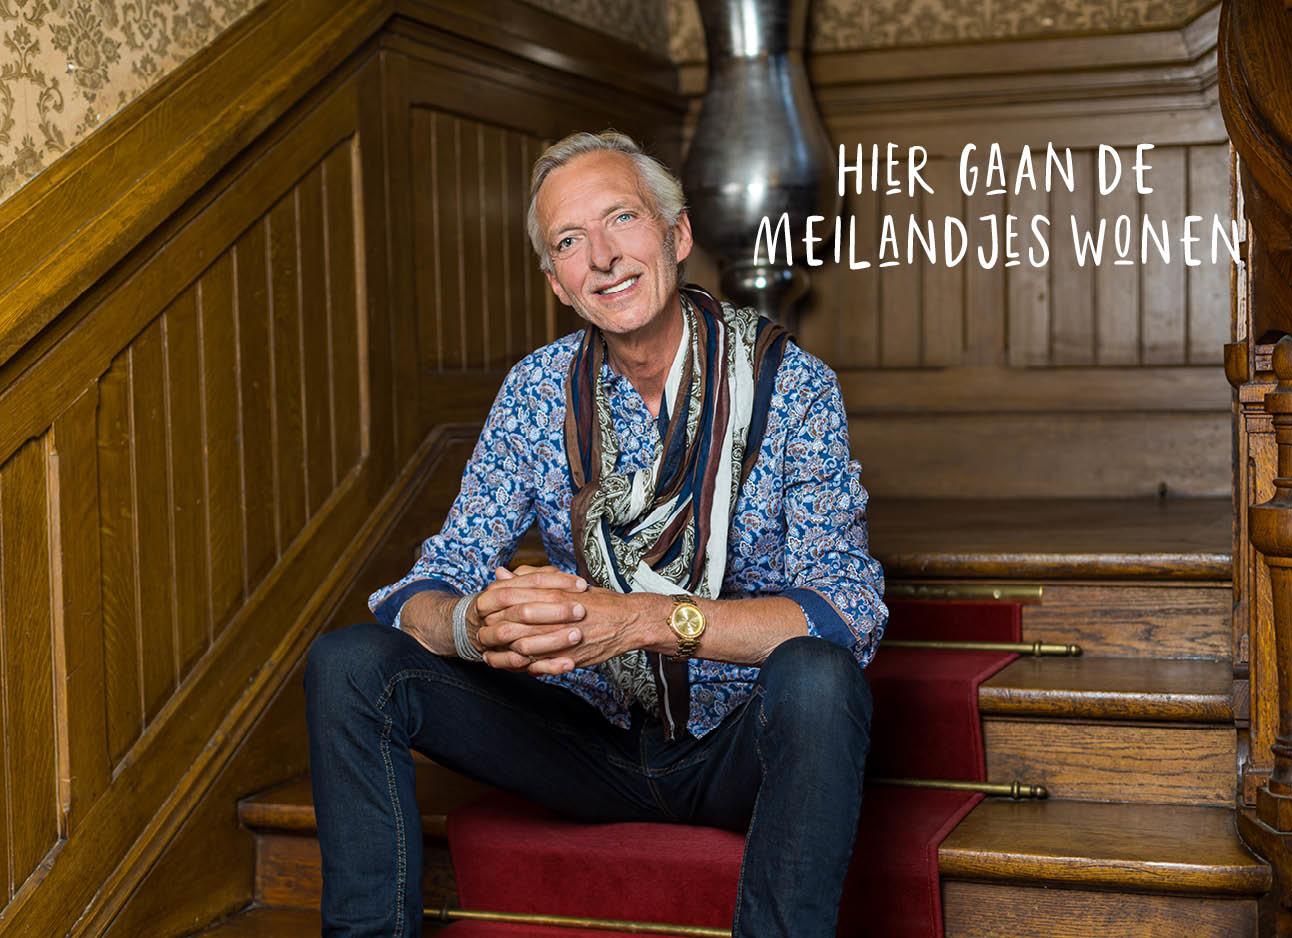 Martien Meiland zit op een trap